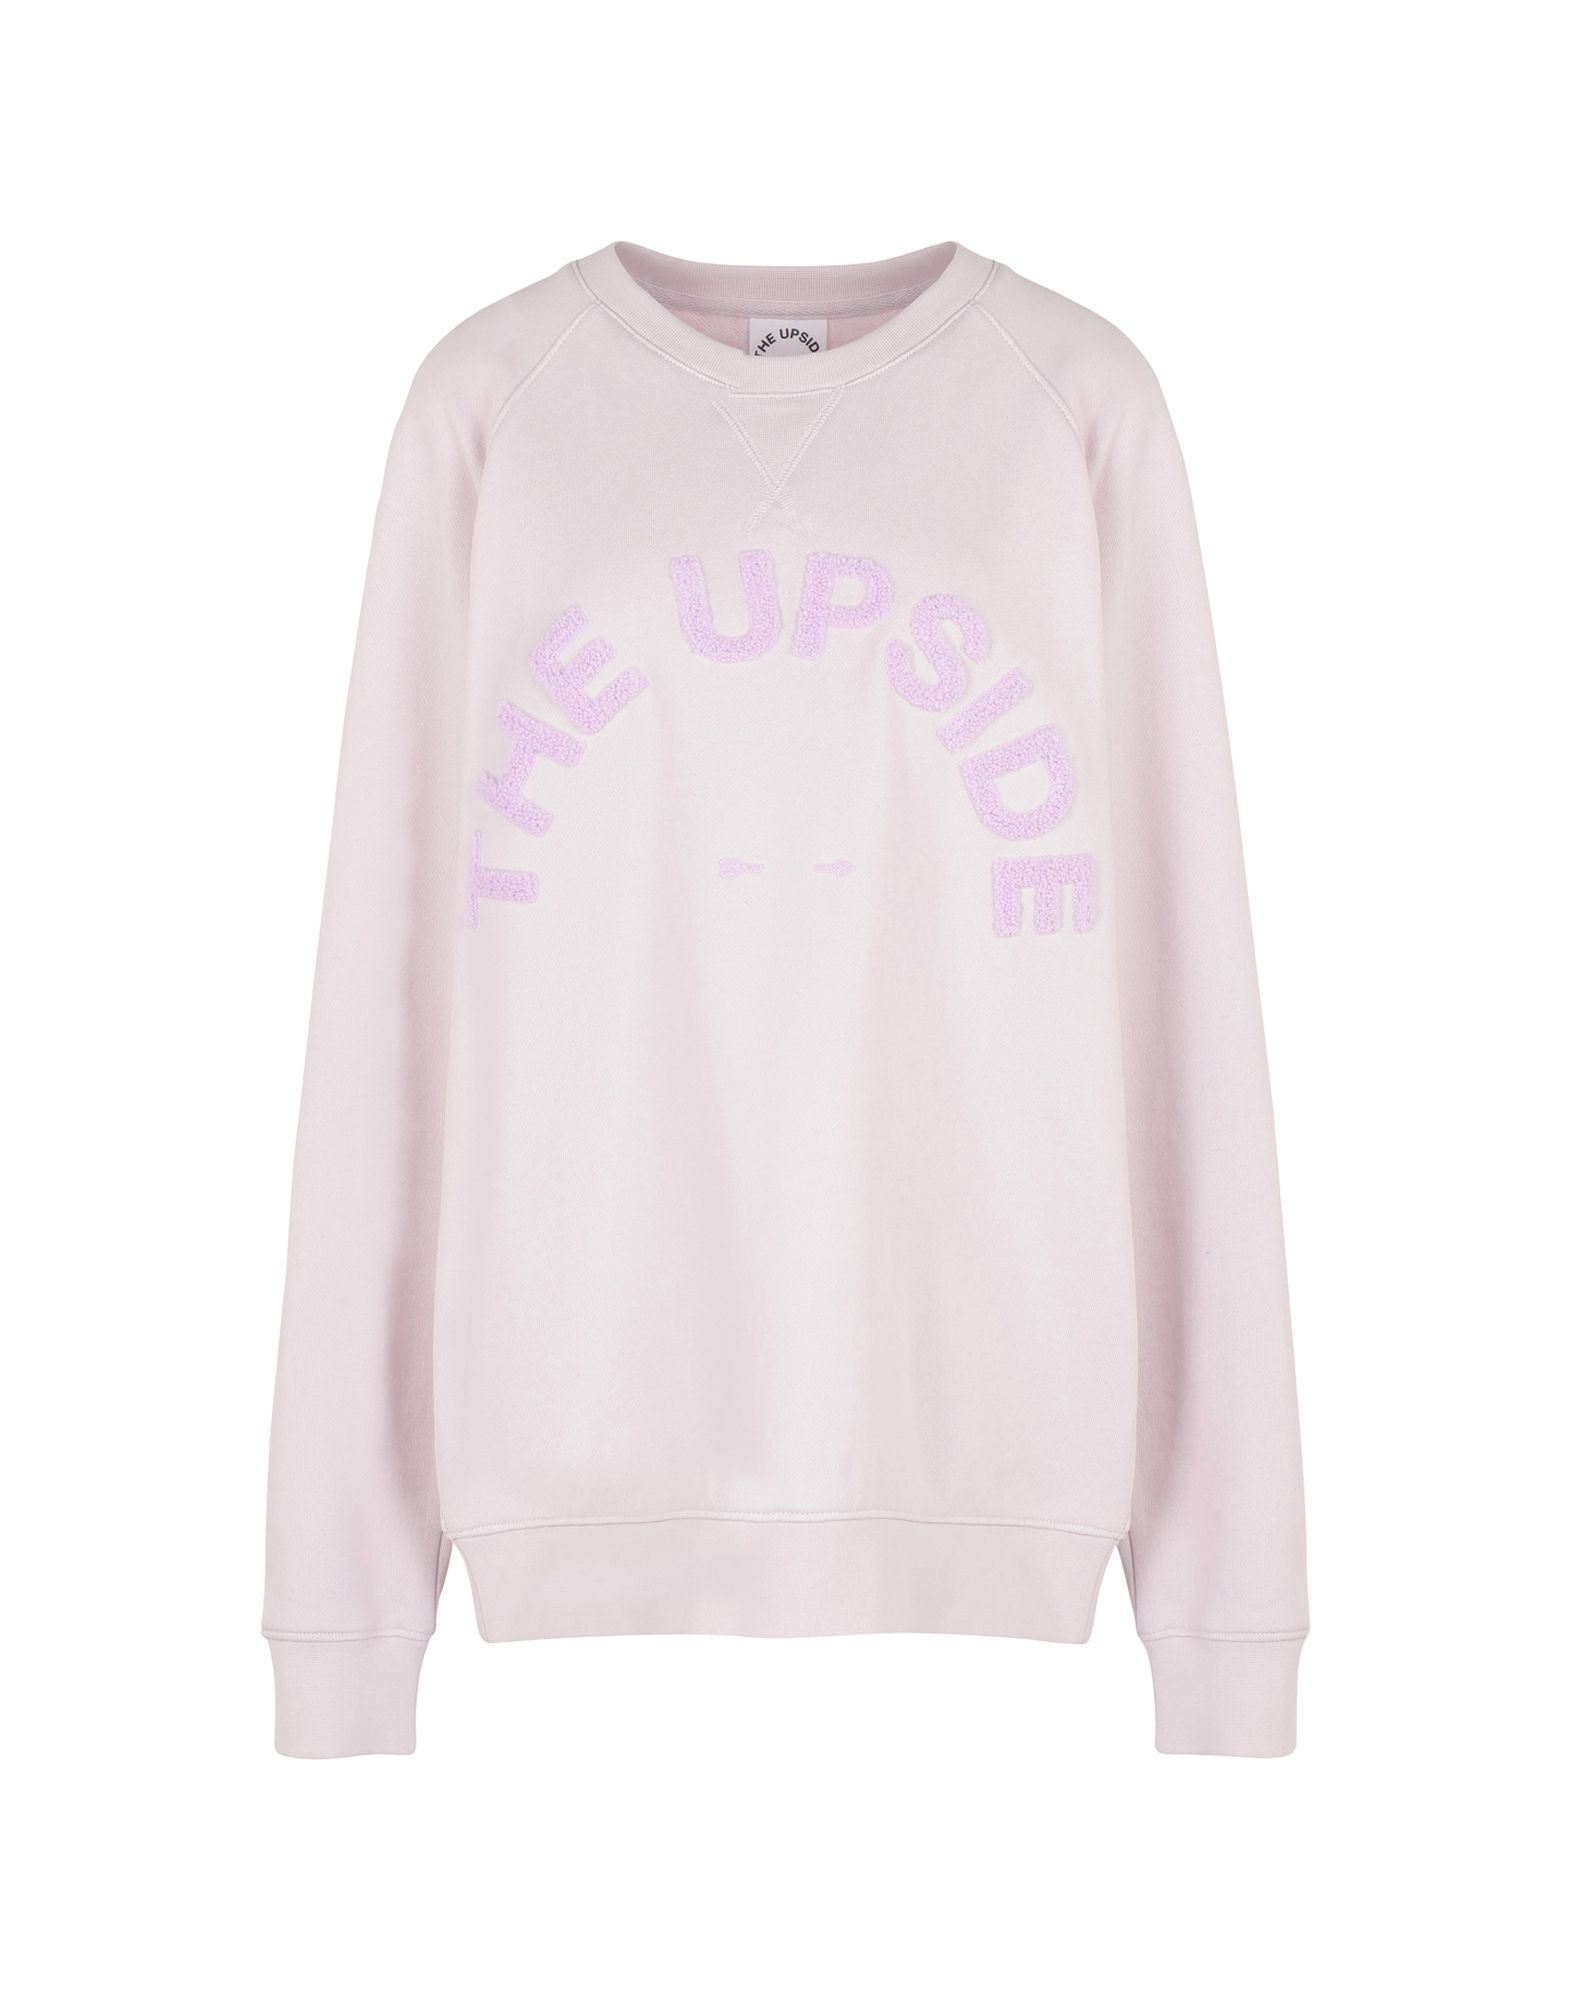 《期間限定セール中》THE UPSIDE レディース スウェットシャツ モーブ M コットン 100% SID CREW